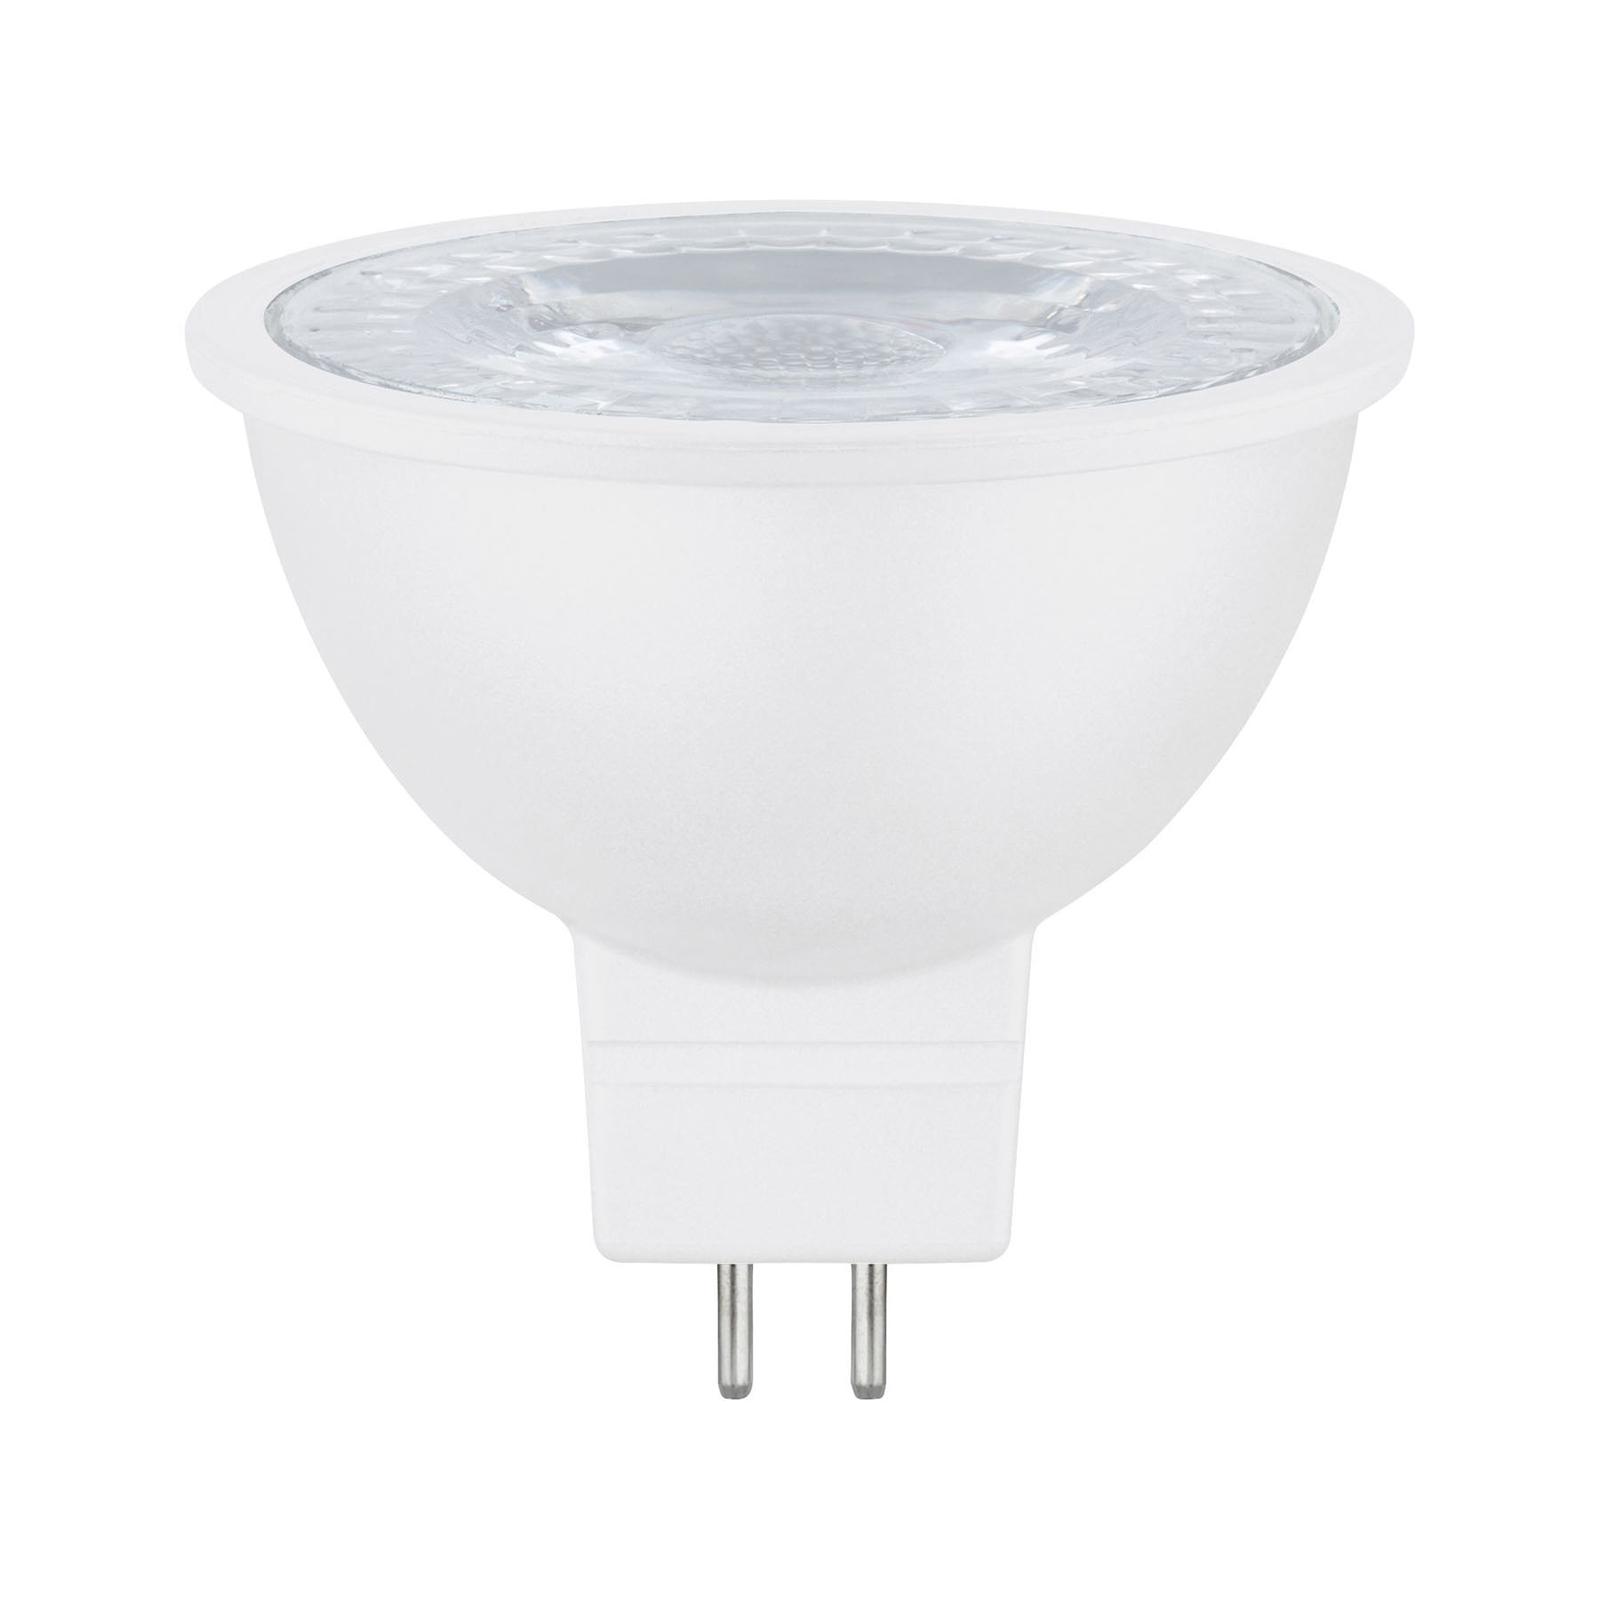 Paulmann LED-Reflektor GU5,3 6,5W 827 dim weiß